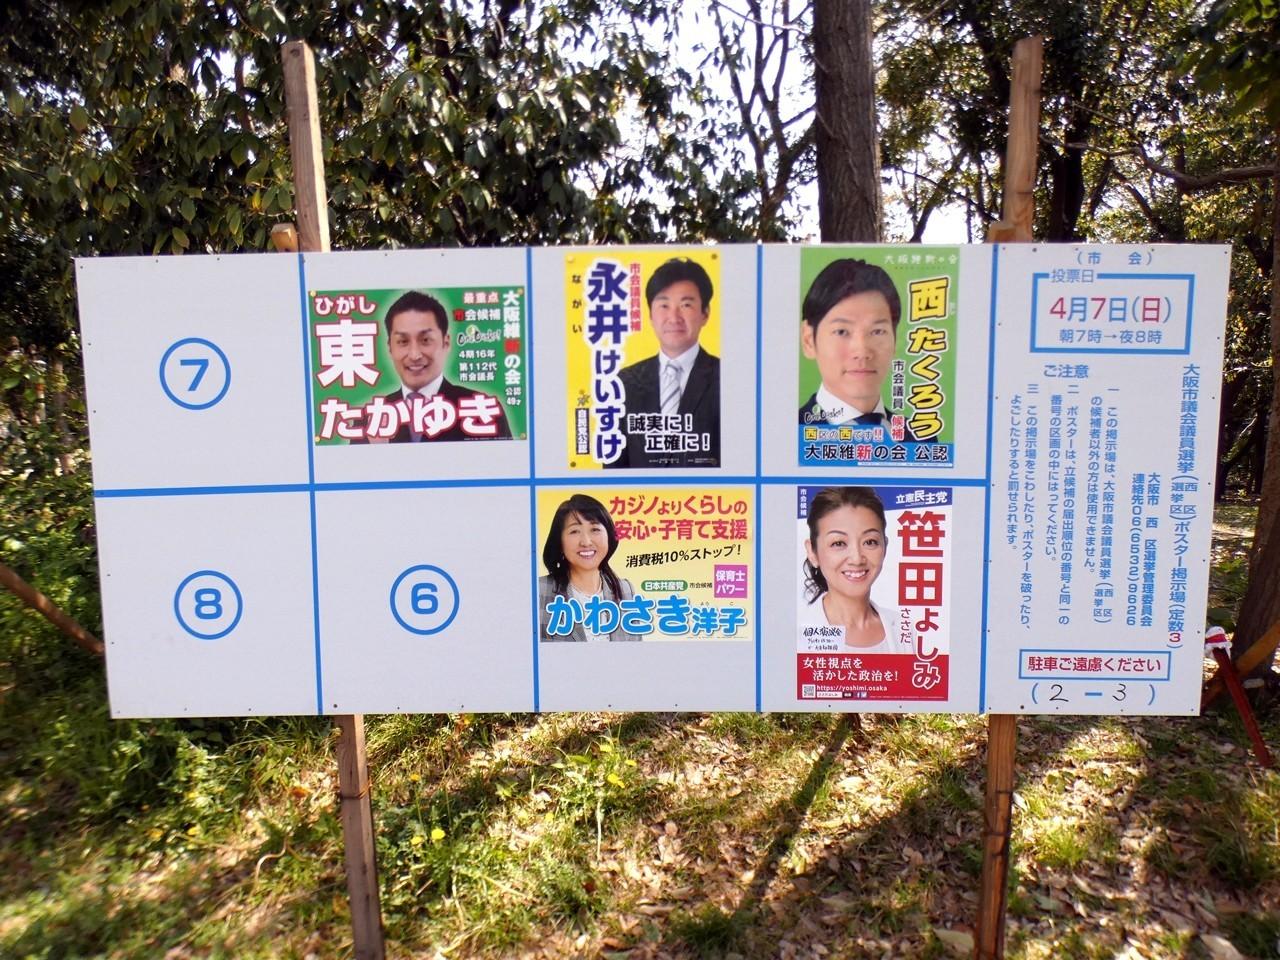 東 大阪 市 選挙 結果